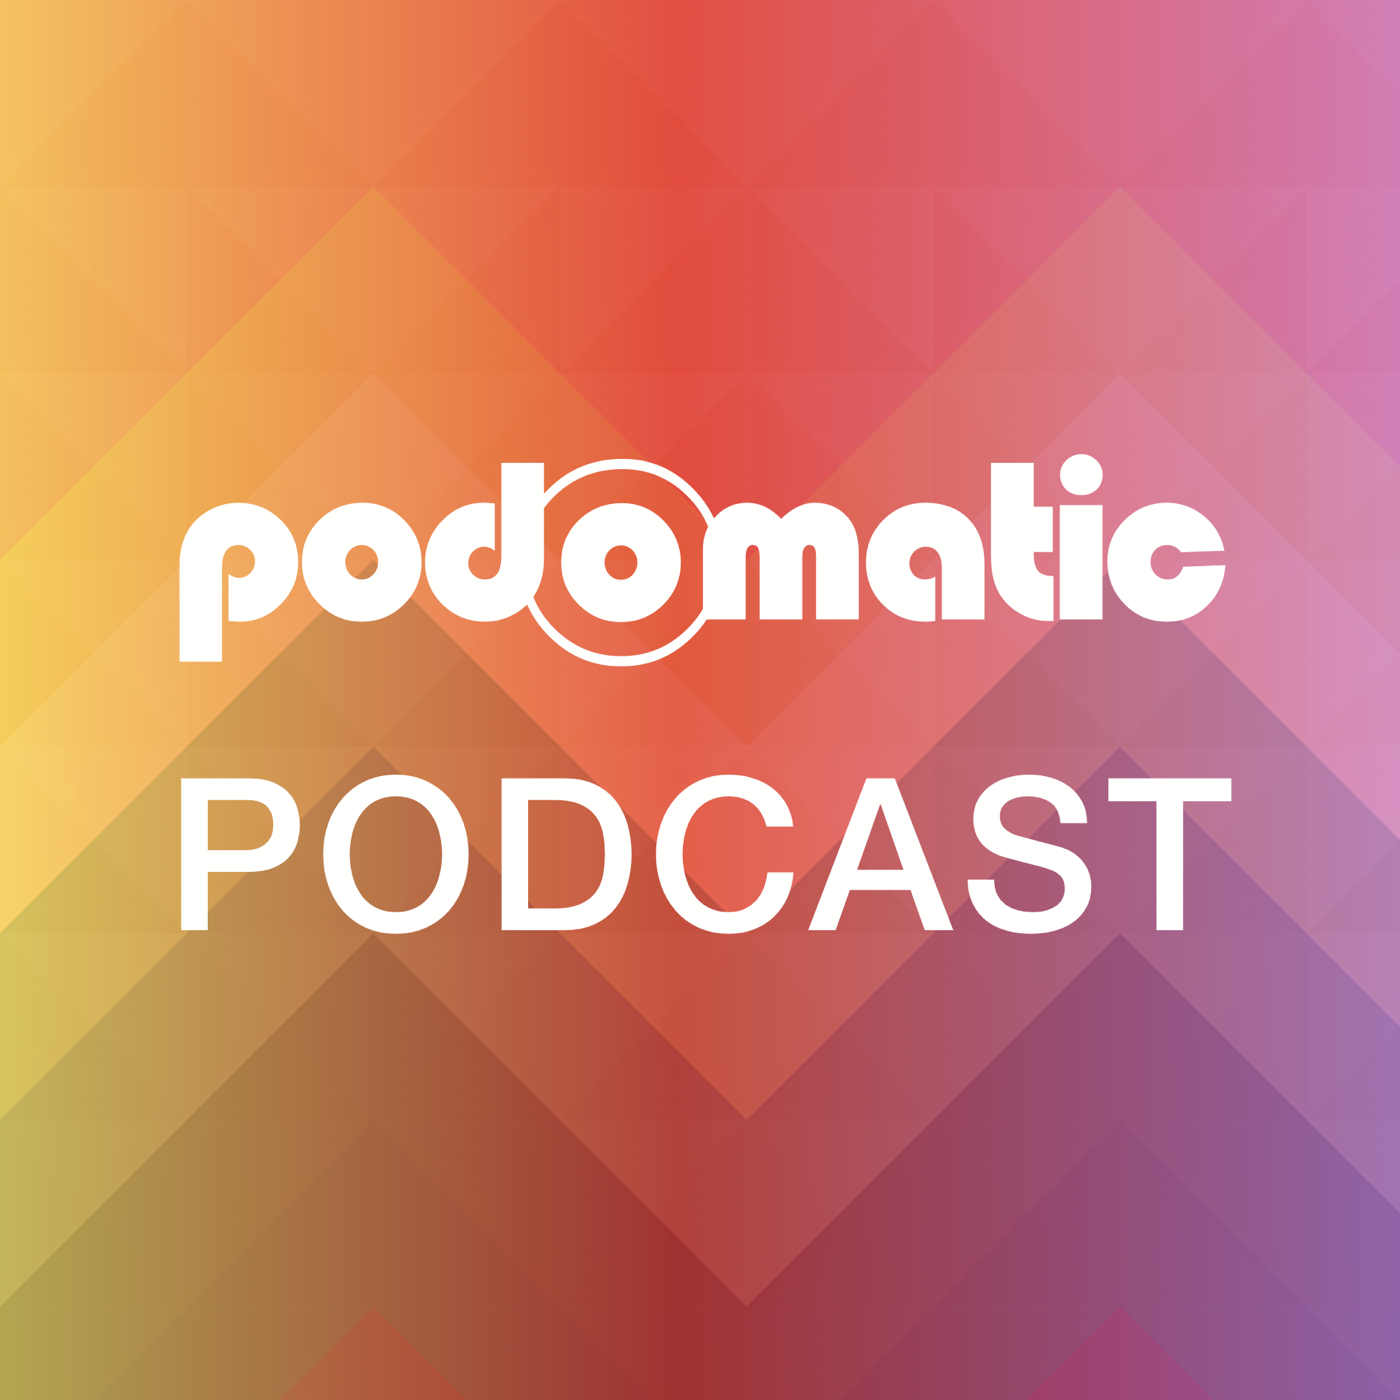 Jesse Hernandez's Podcast